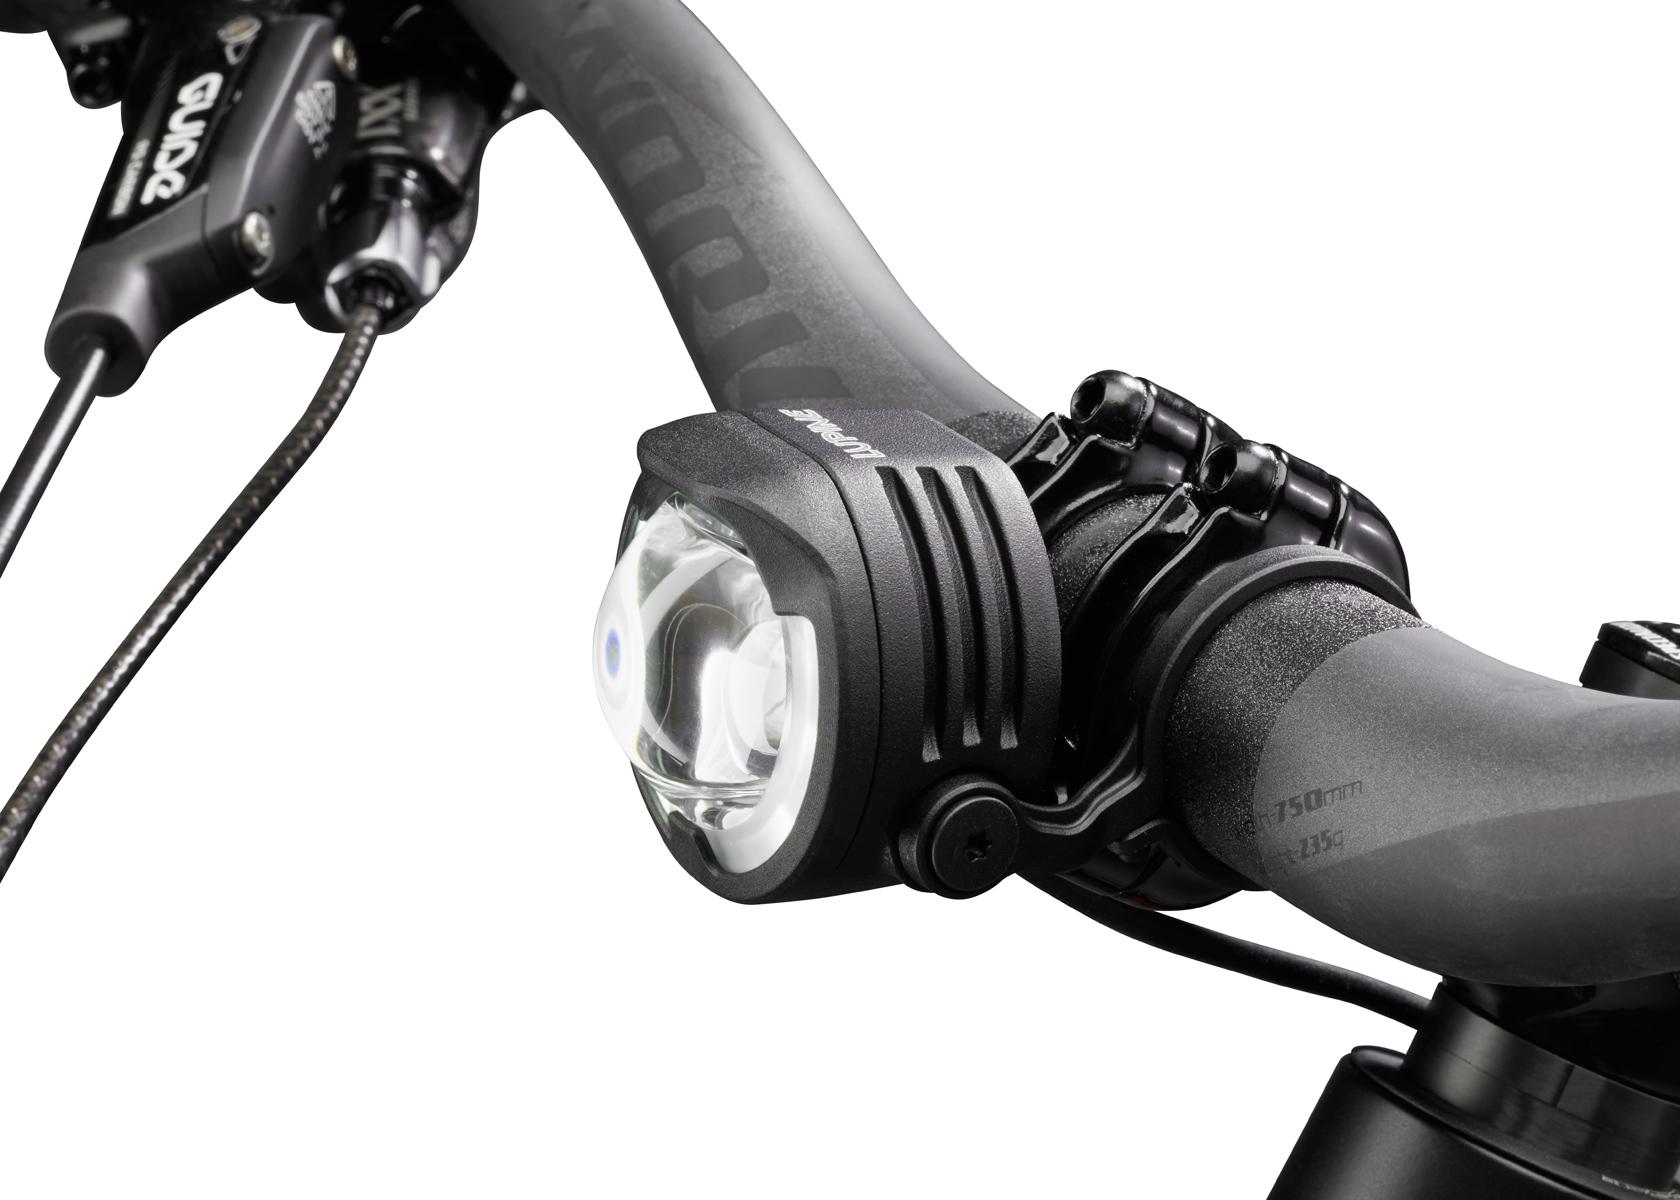 lupine sl s brose stvzo e bike beleuchtung bikerleben. Black Bedroom Furniture Sets. Home Design Ideas